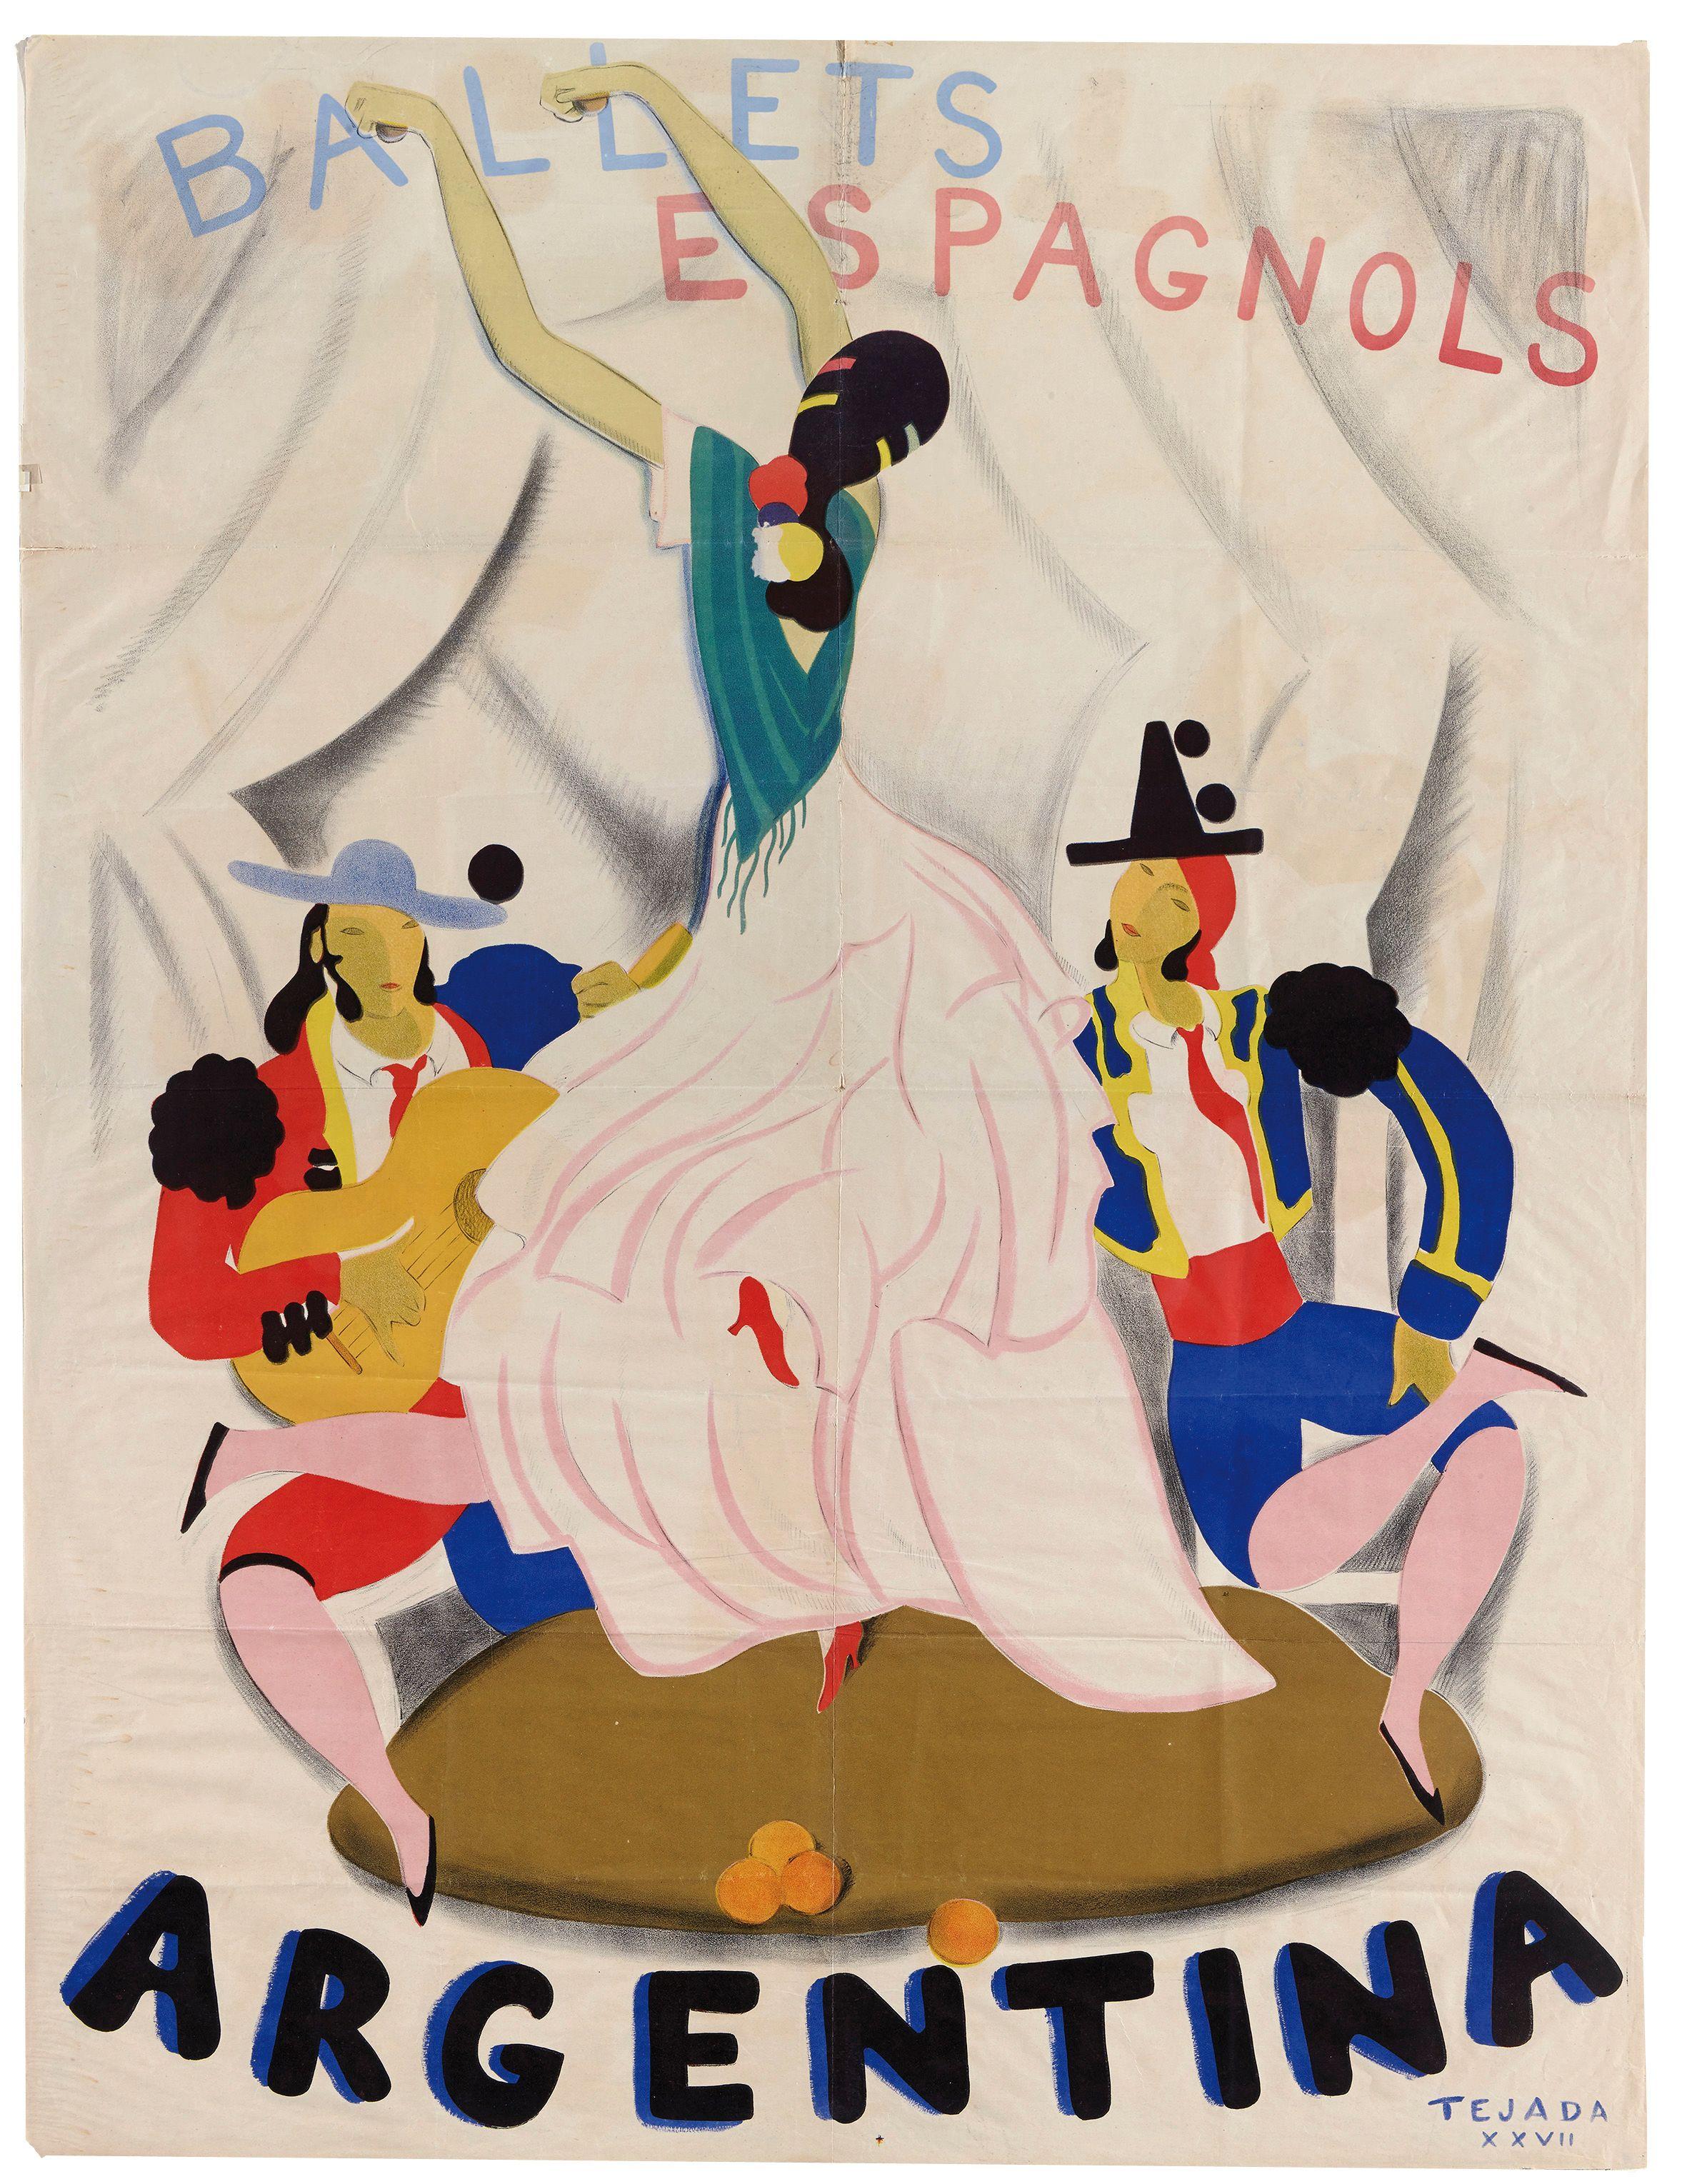 Carlos Sáenz de Tejada, Ballets Espagnols de La Argentina, 1927. Impresión mecánica sobre papel, 128 x 98 cm. Museo Nacional Centro de Arte Reina Sofía, Madrid.